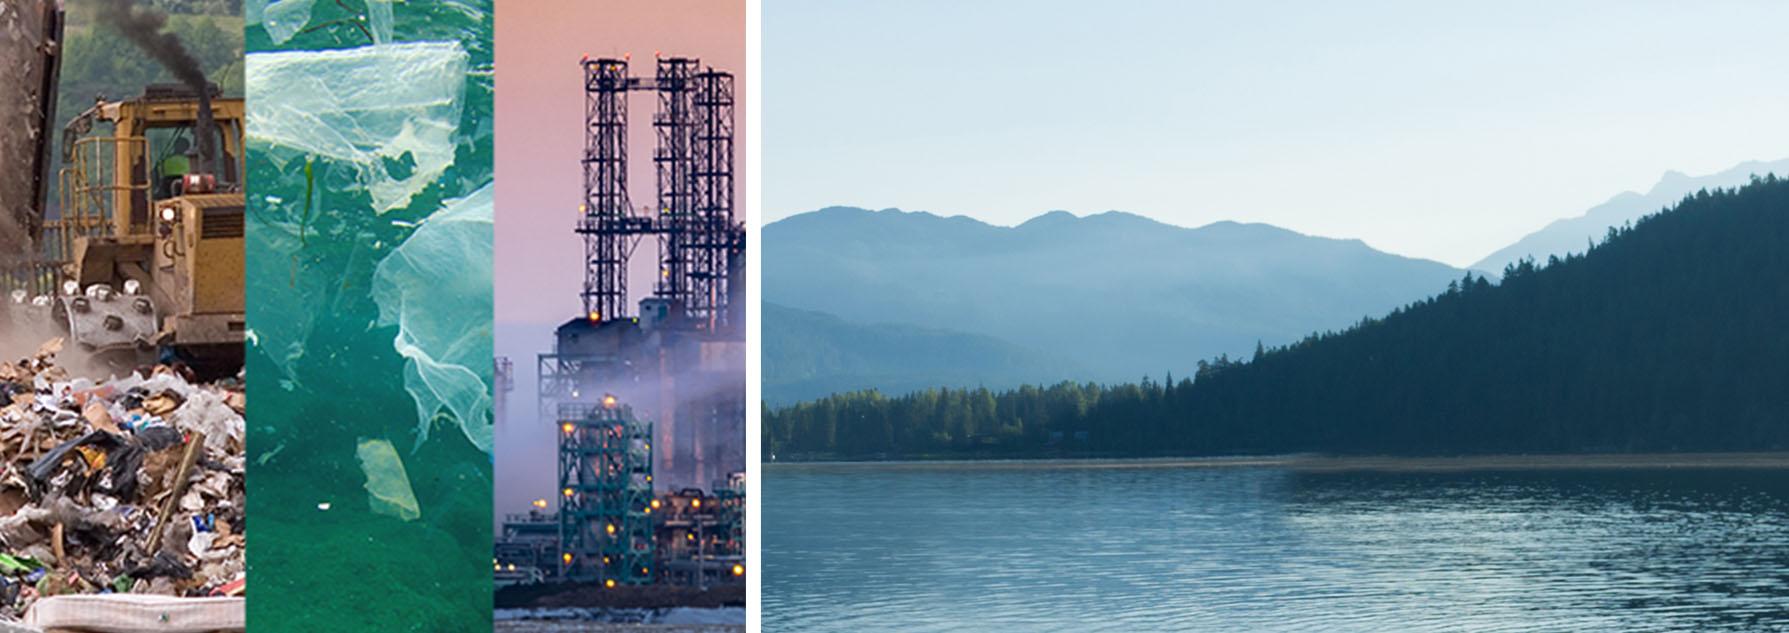 Site d'enfouissement, plastique dans l'océan et usine, ainsi qu'un beau paysage d'un lac avec des montagnes